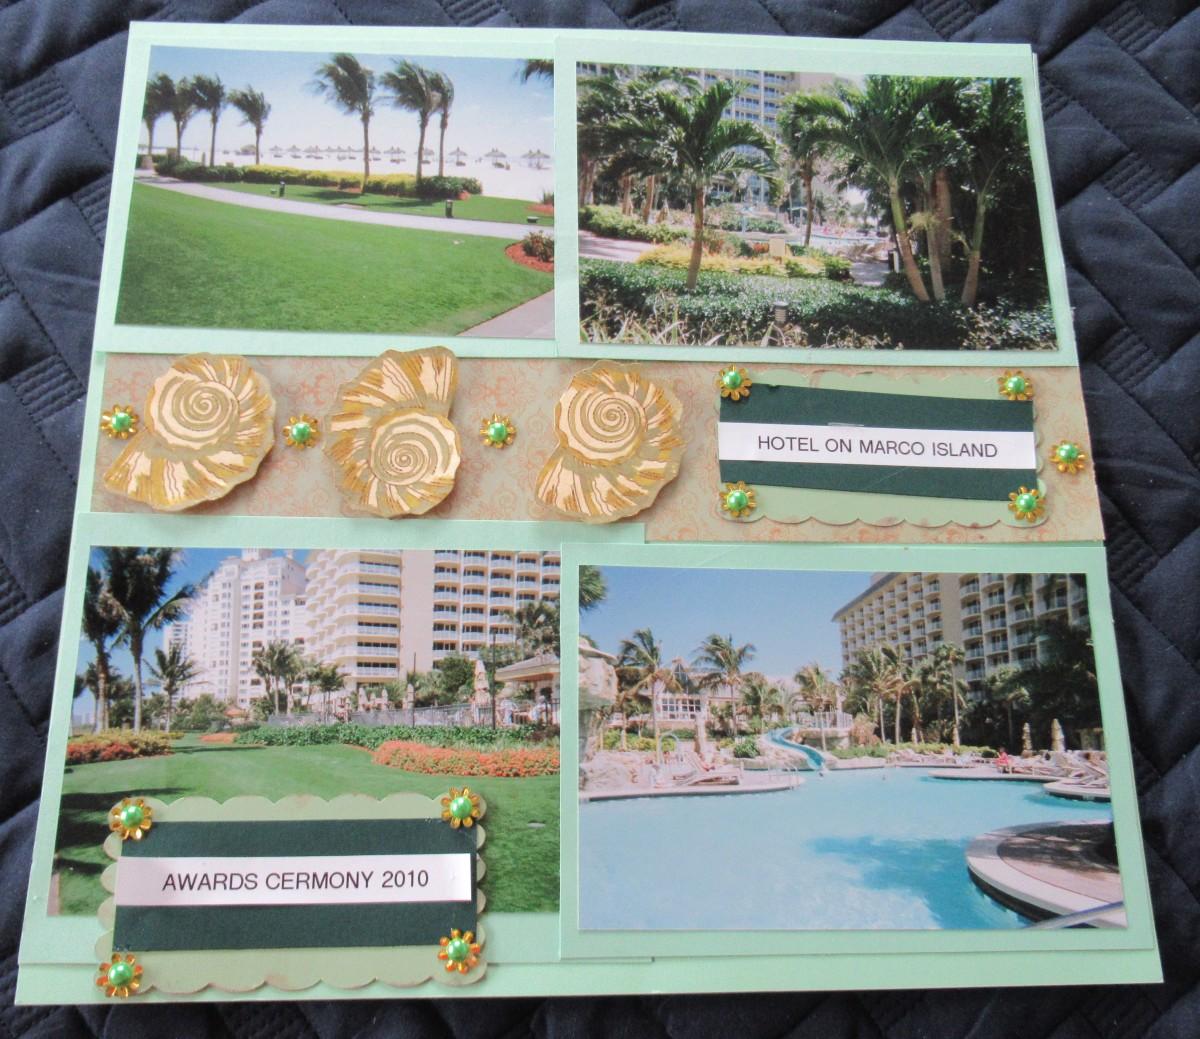 matting-photos-in-scrapbooks